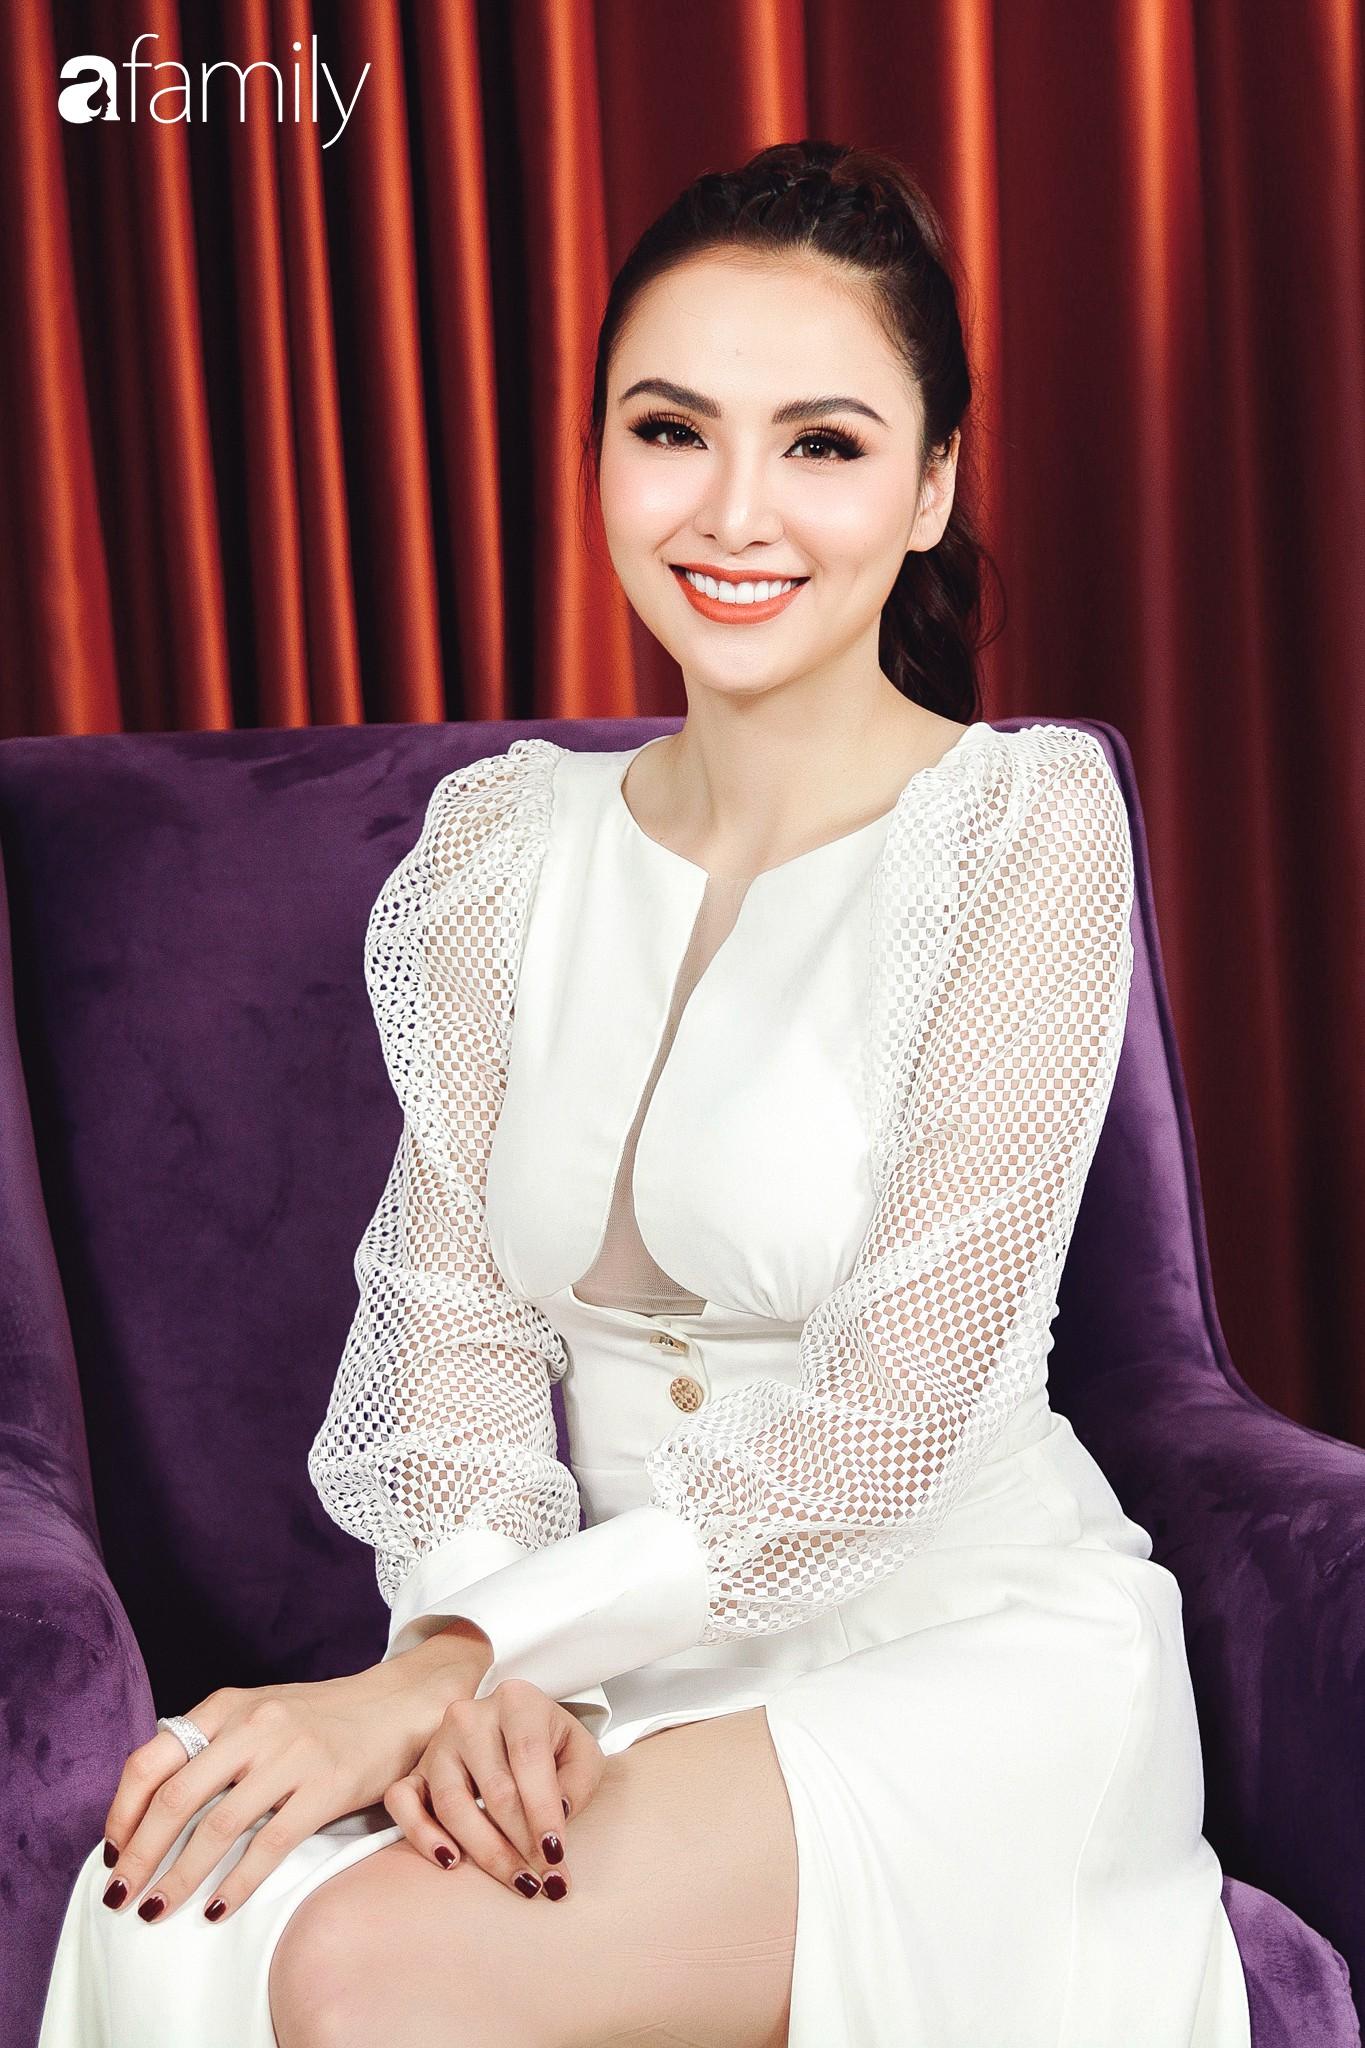 Hoa hậu Diễm Hương: Chồng nào cũng bảo nếu em đừng làm ra tiền thì đã dễ dạy hơn-14